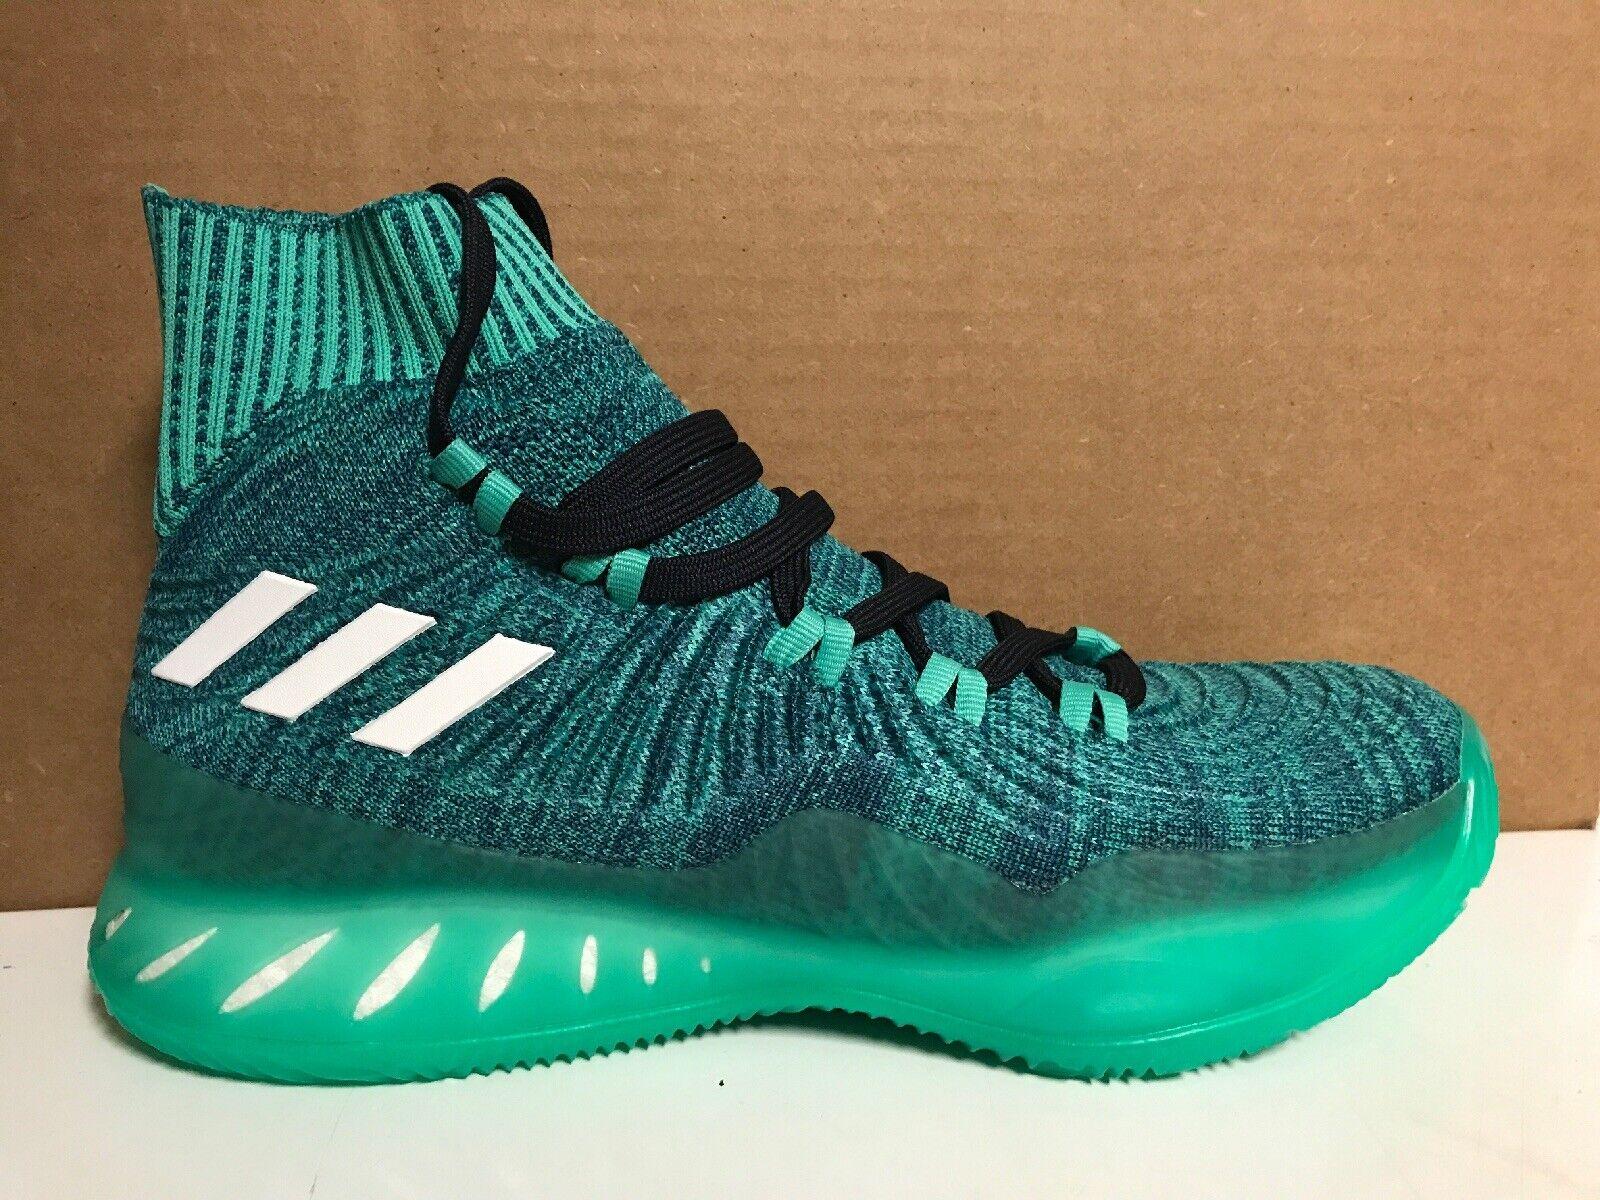 Nuovo Adidas Boost SM Crazy  EXPLIVE PK GS Champ Mens Dimensione 9.5 AQ0461 verde  il più alla moda